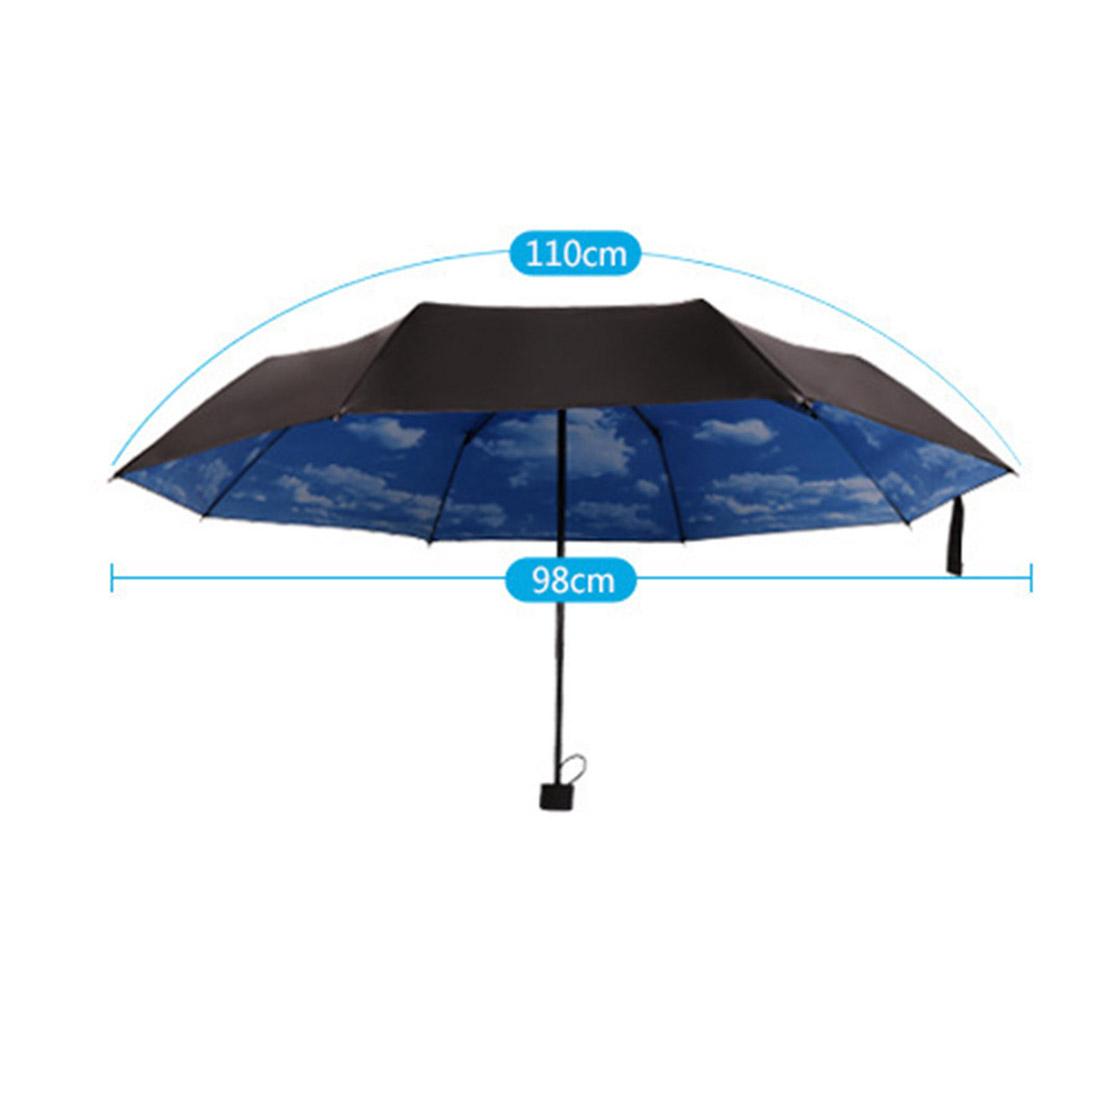 2016 Новый 3 Складной Голубое Небо Супер Анти-Уф Зонтики Вс Зонтик Дождь Зонтик